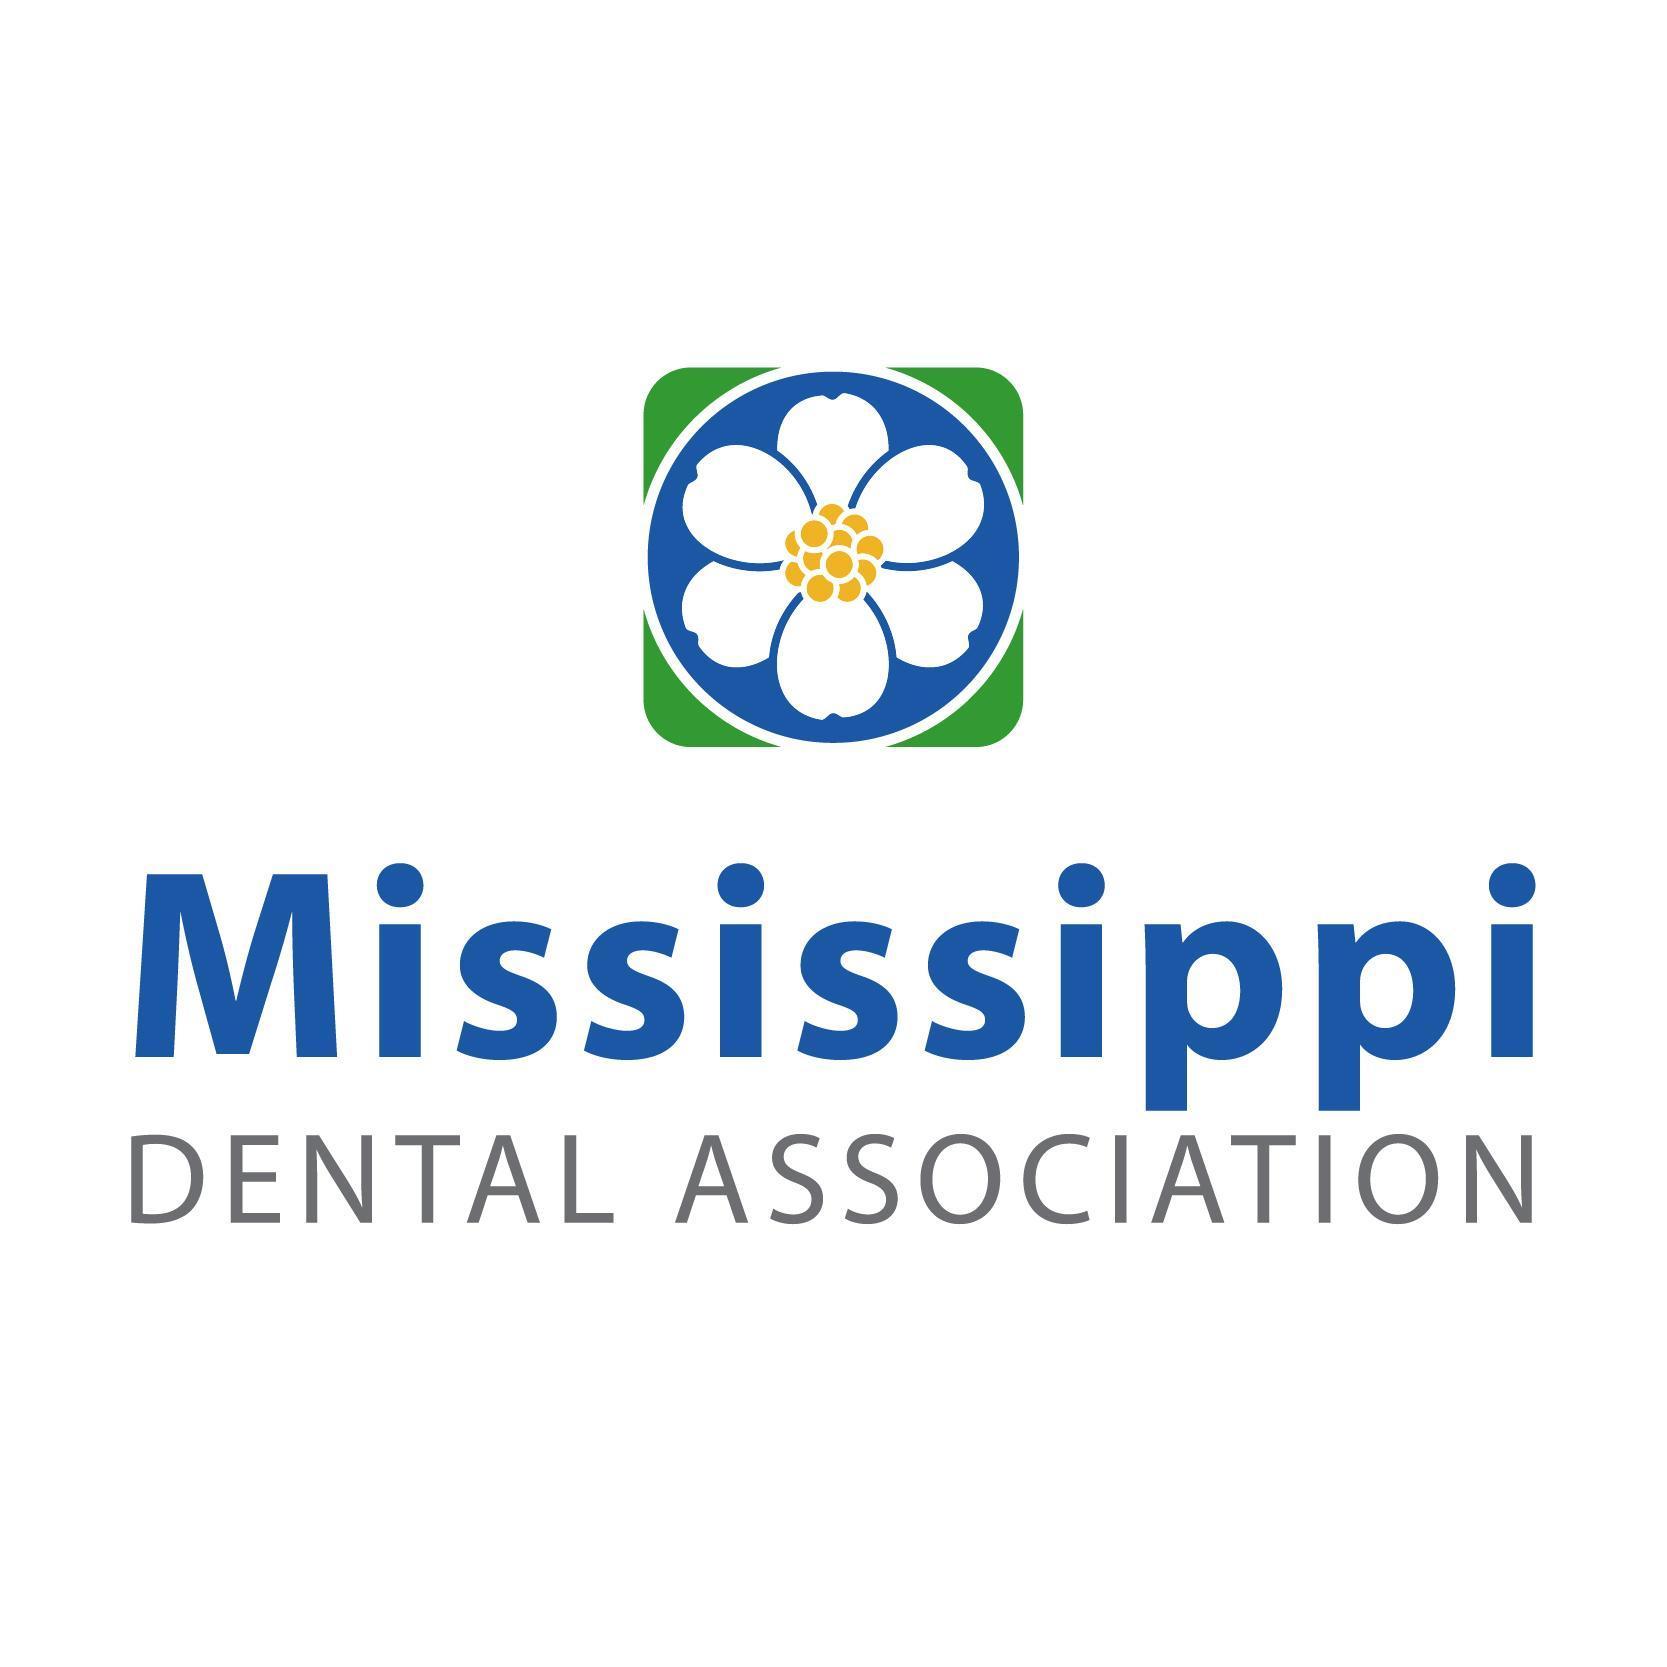 MS Dental Assn (@MSDentalAssn) | Twitter